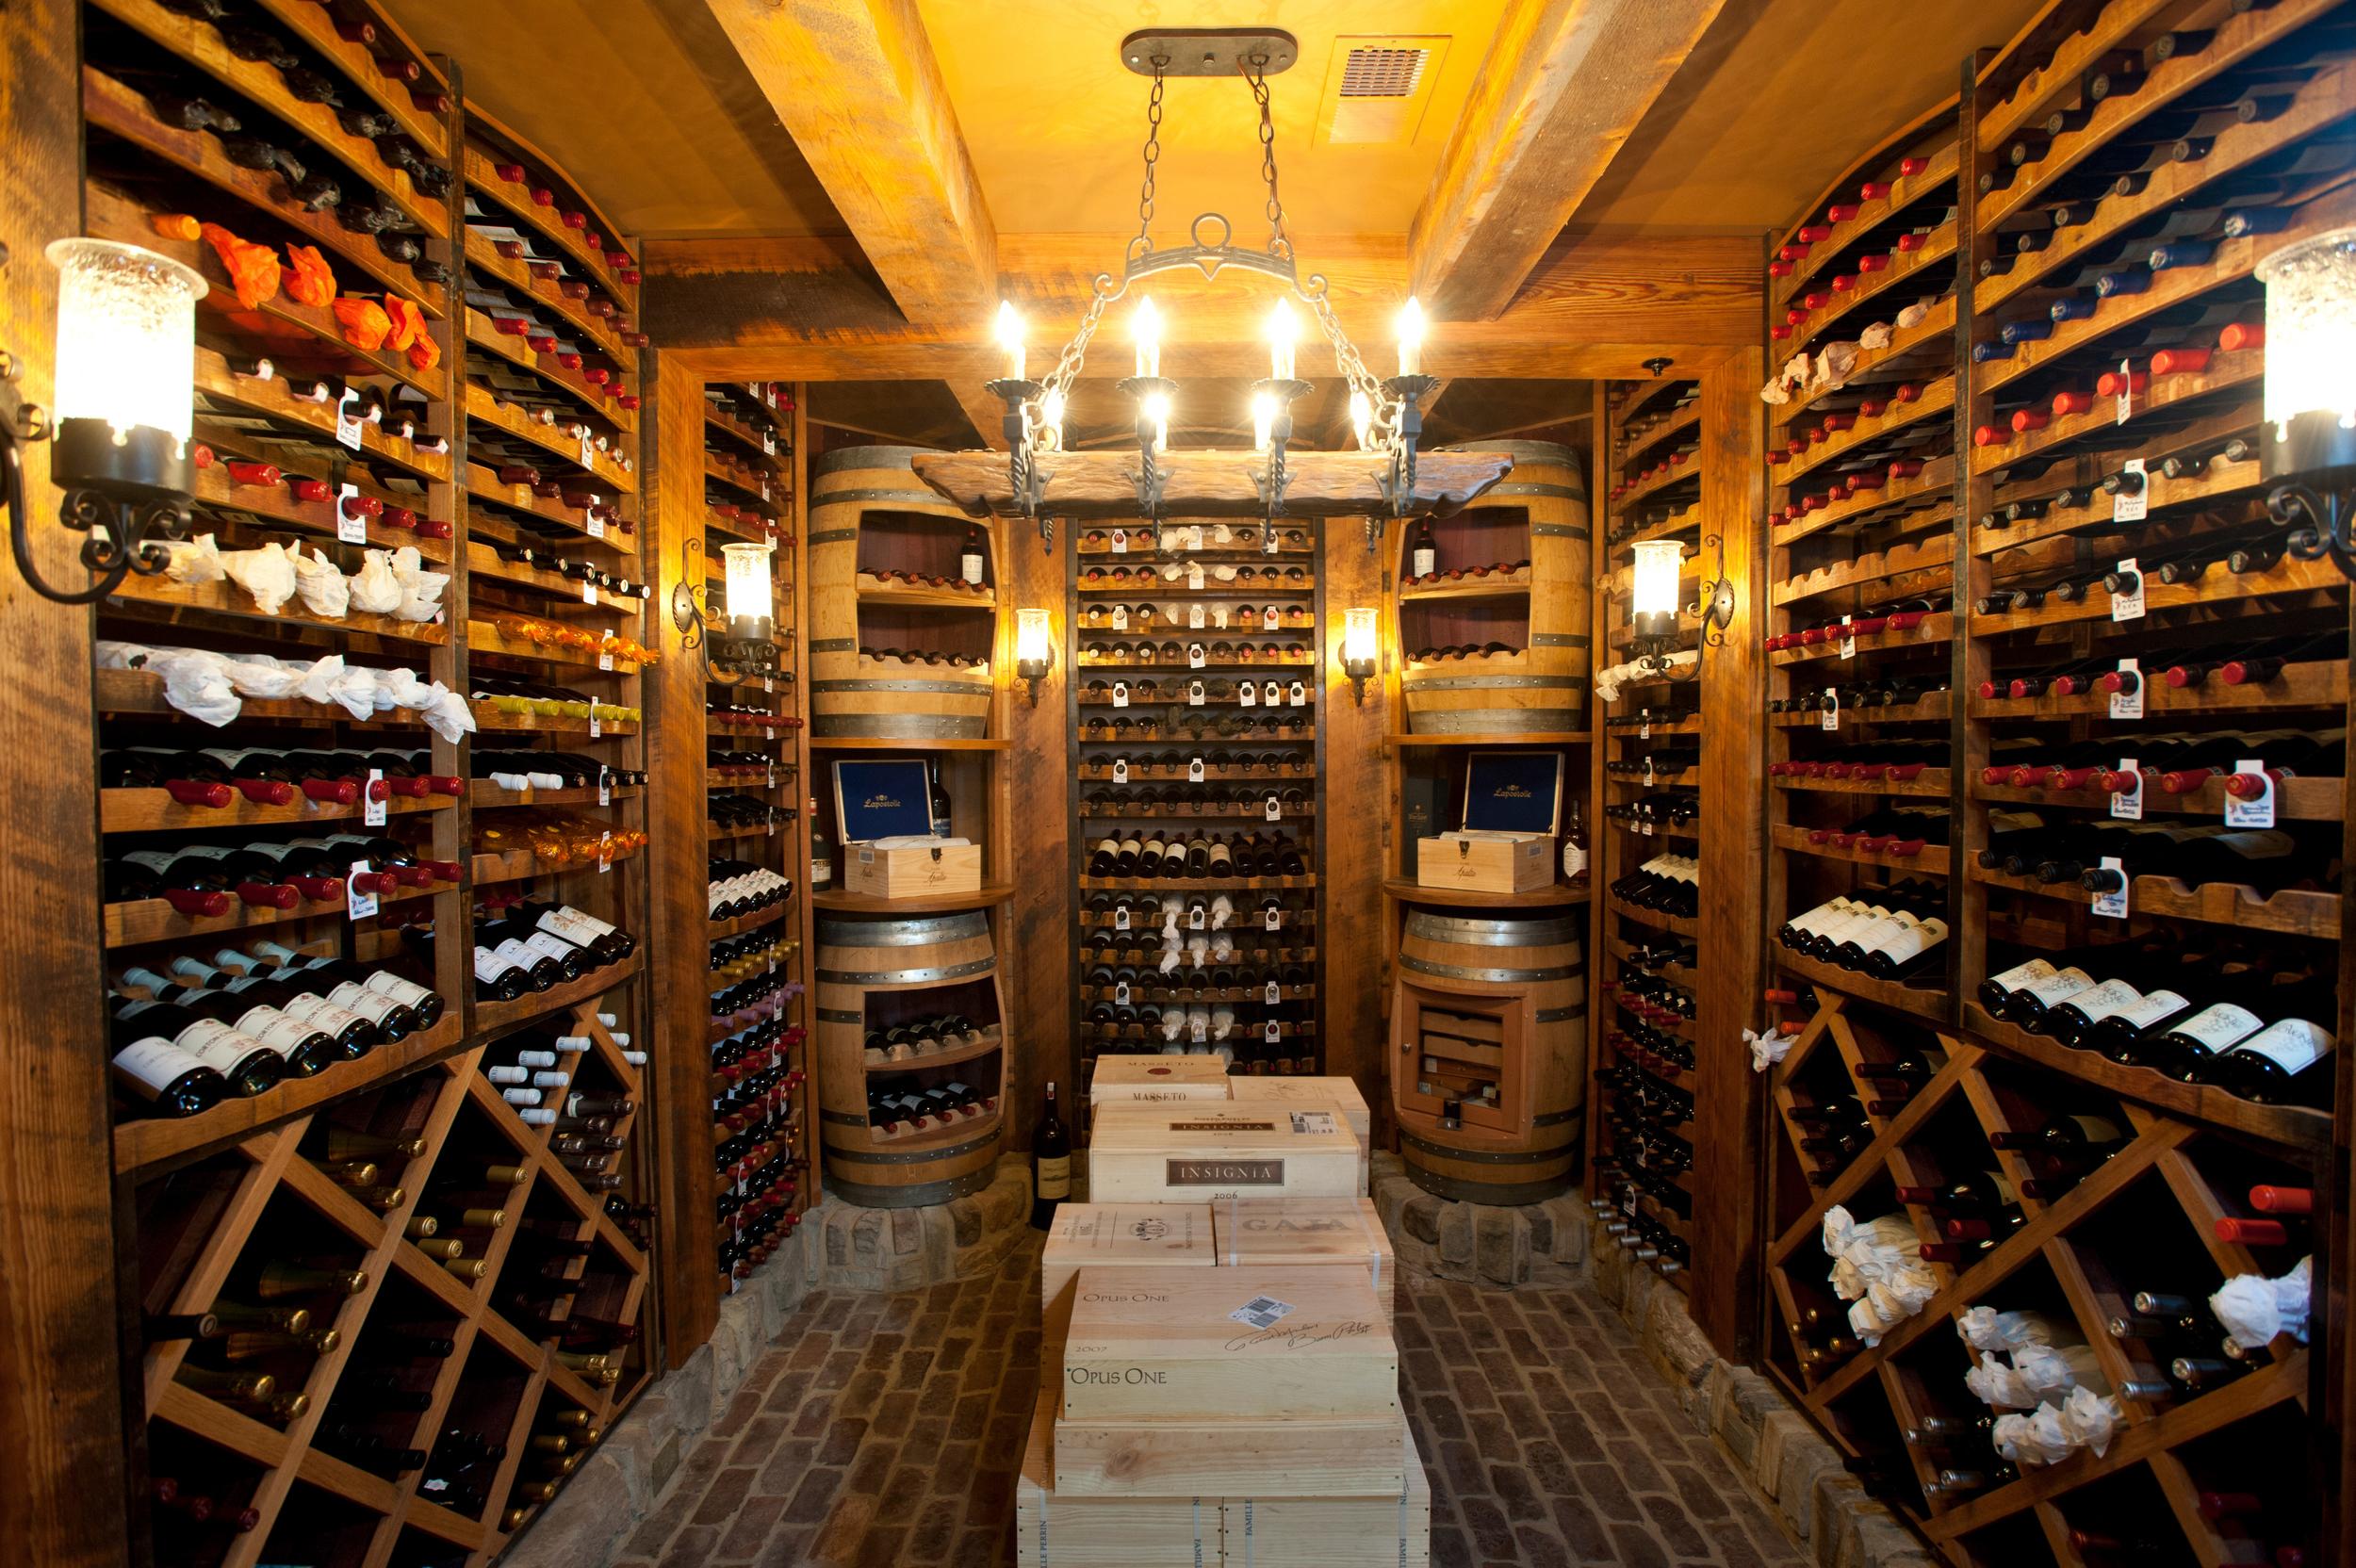 Wine+Cellars+by+Lisa+Weiss.jpg